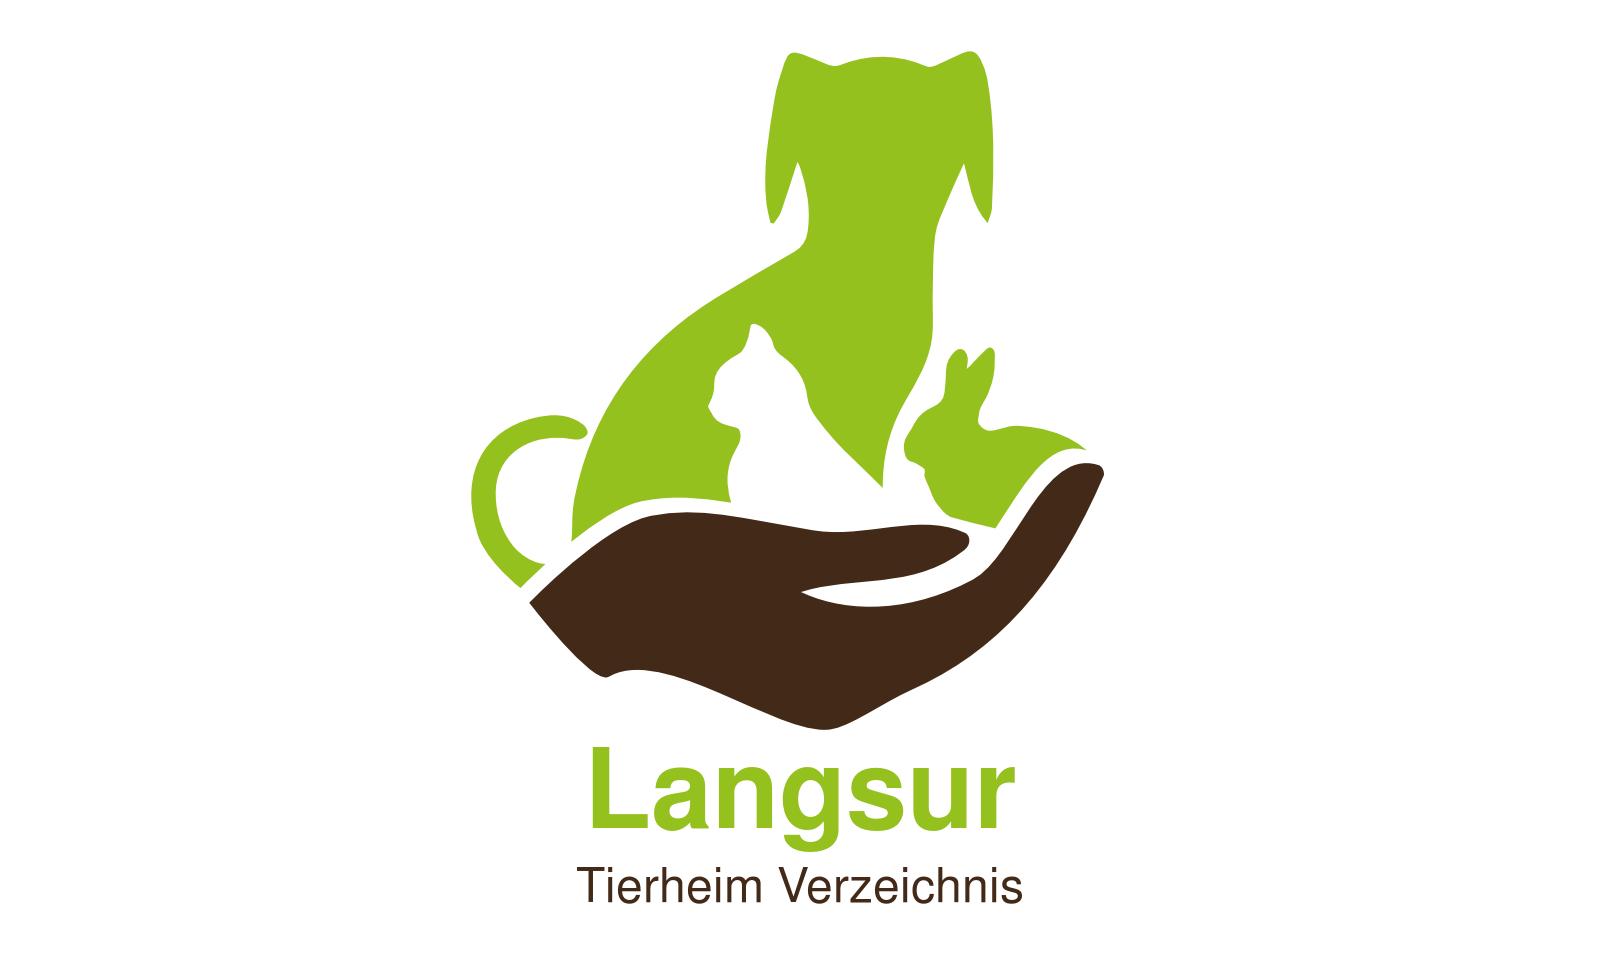 Tierheim Langsur